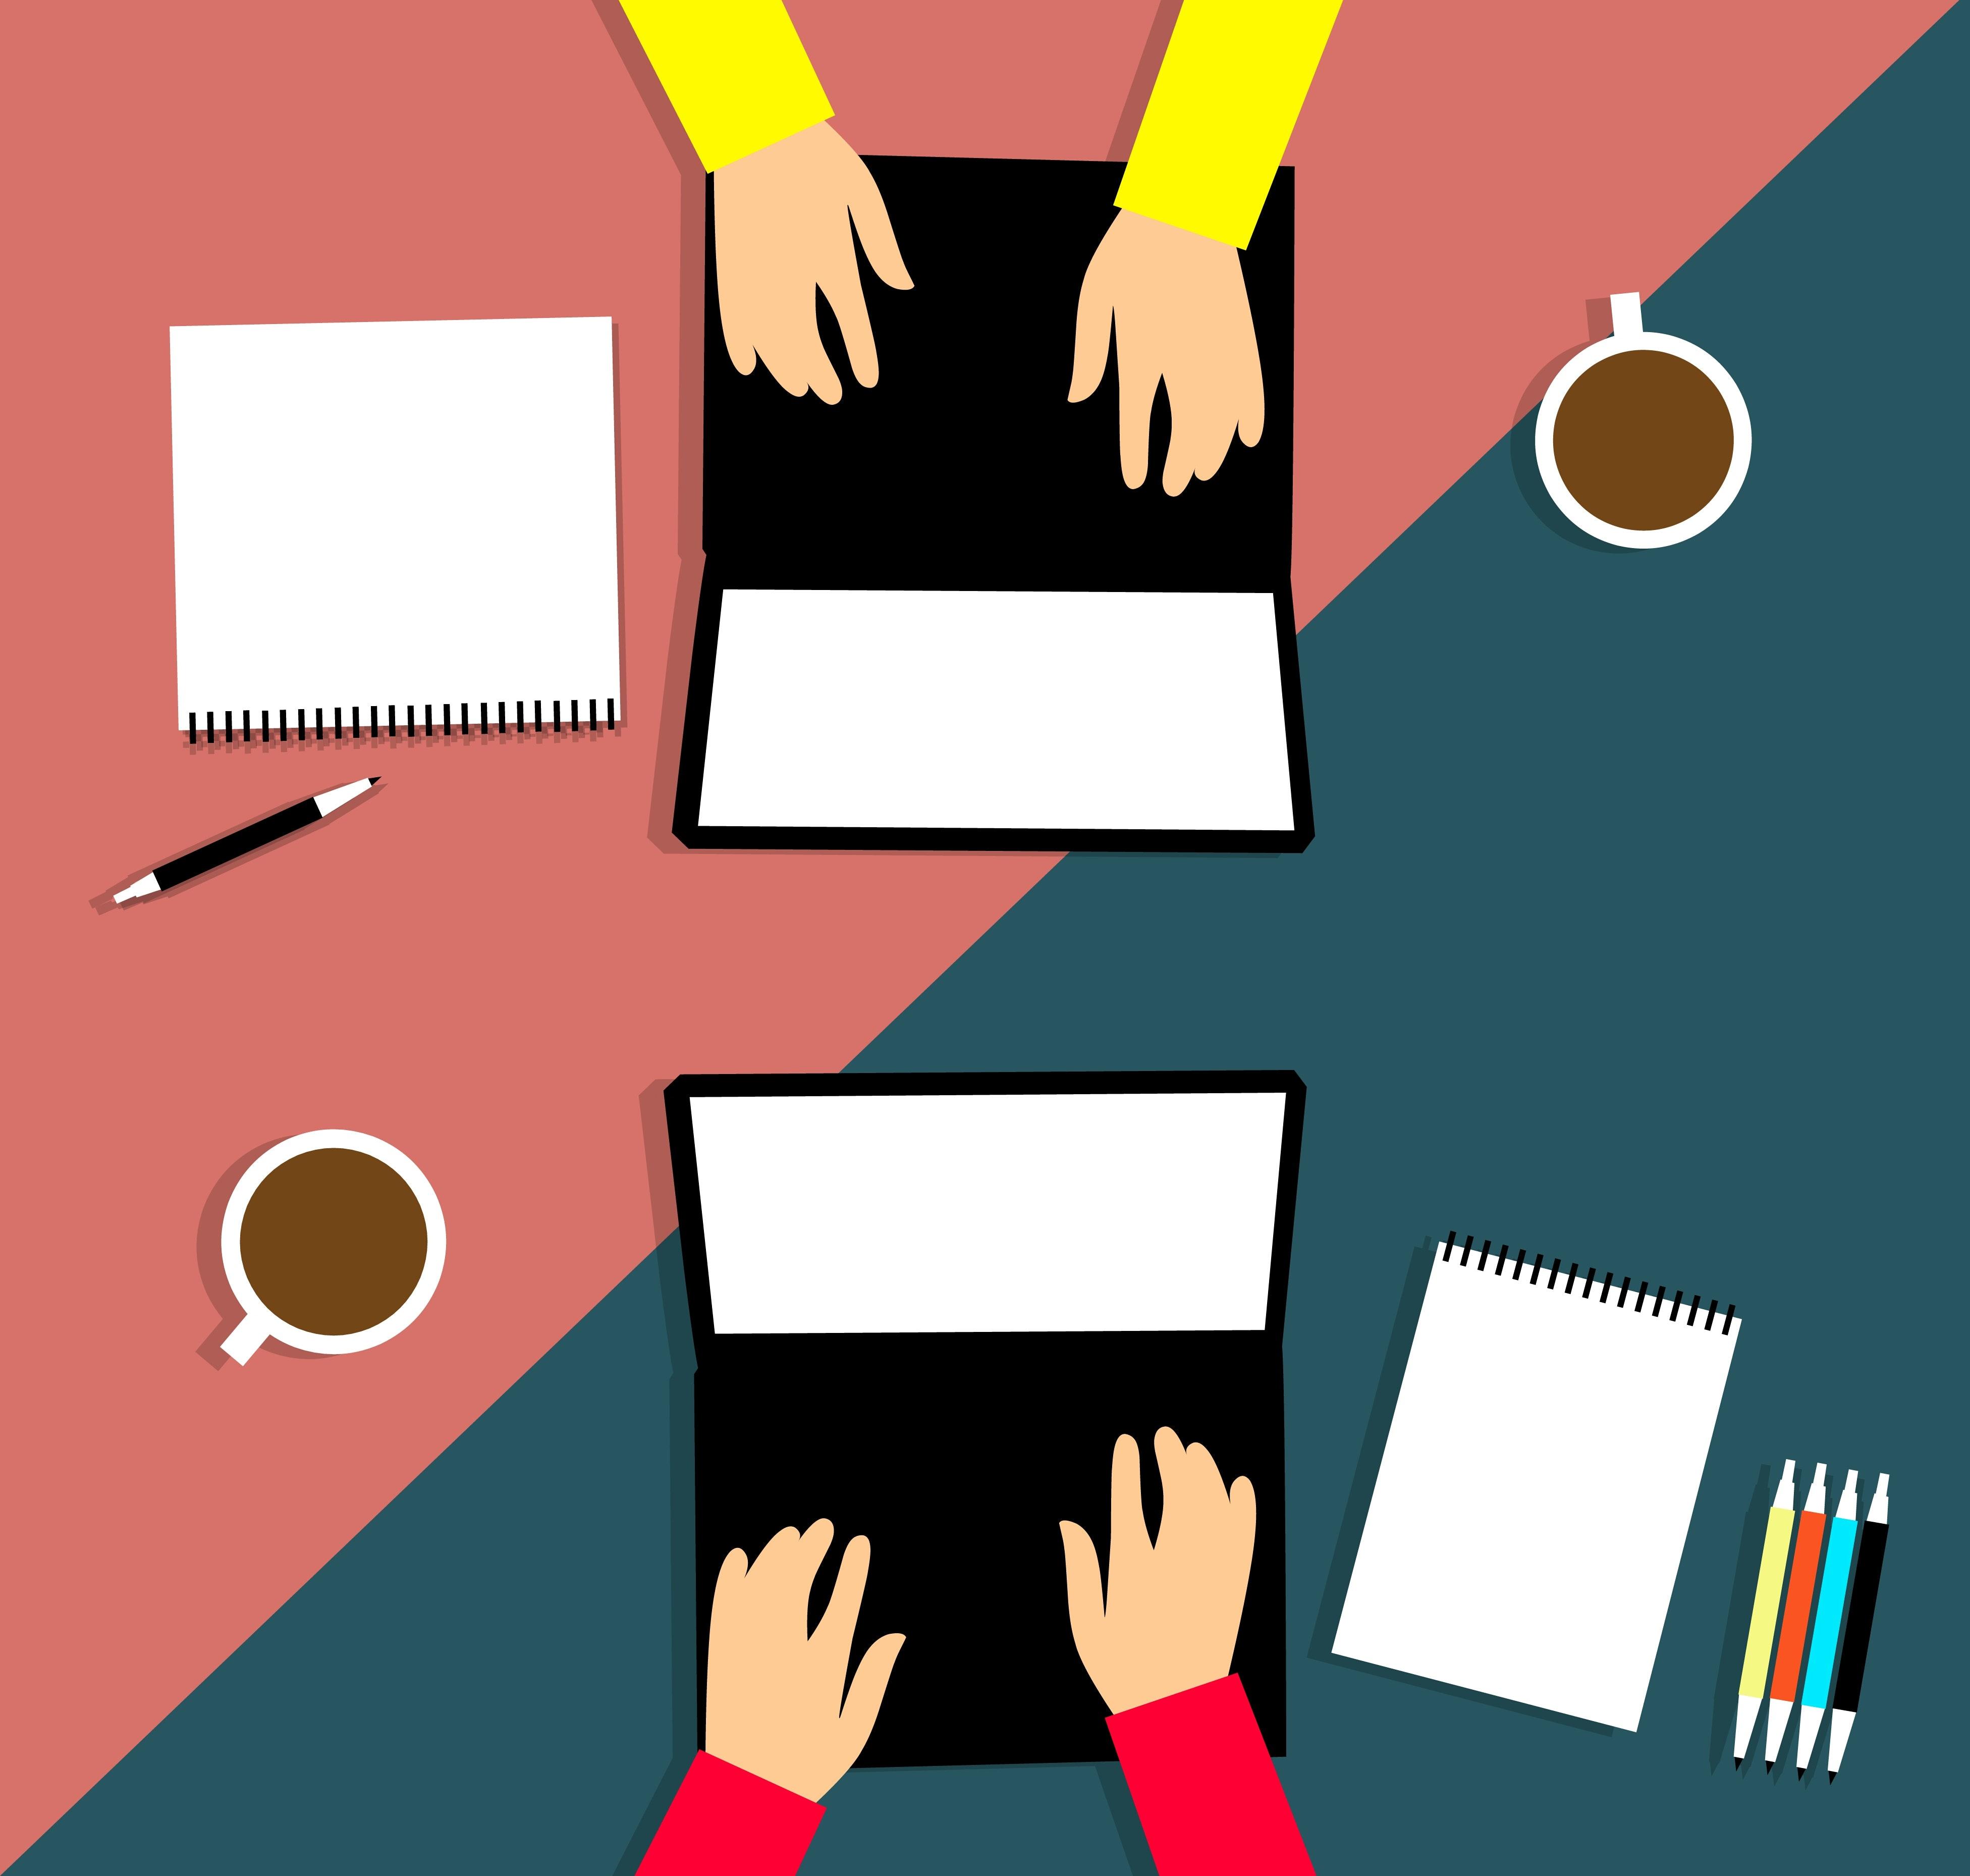 A imagem apresenta duas pessoas produzindo conteúdo relevante para seus respectivos sites, fator fundamental do Marketing de Conteúdo.